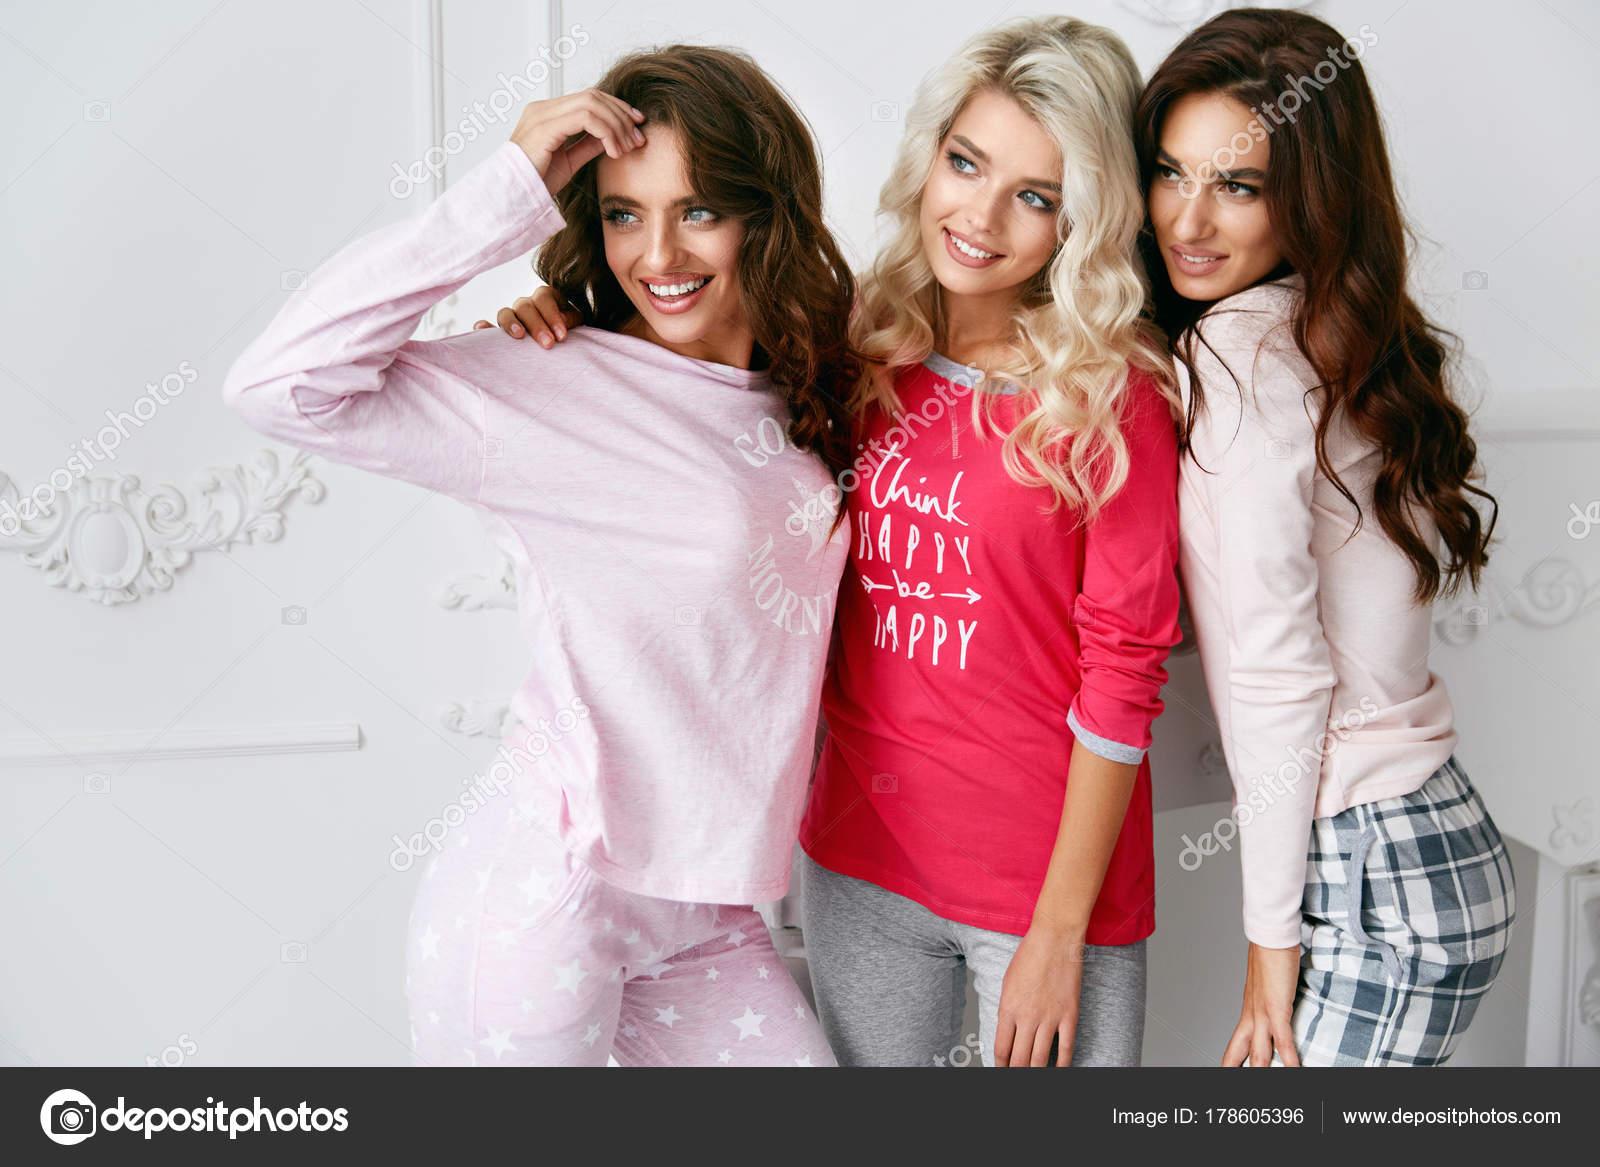 e0d5829d65 Hermosa sonrisa modelos femeninos jóvenes divirtiéndose y disfrutando de la  fiesta de pijamas en casa de luz Interior. Ropa de mujer ropa de ...